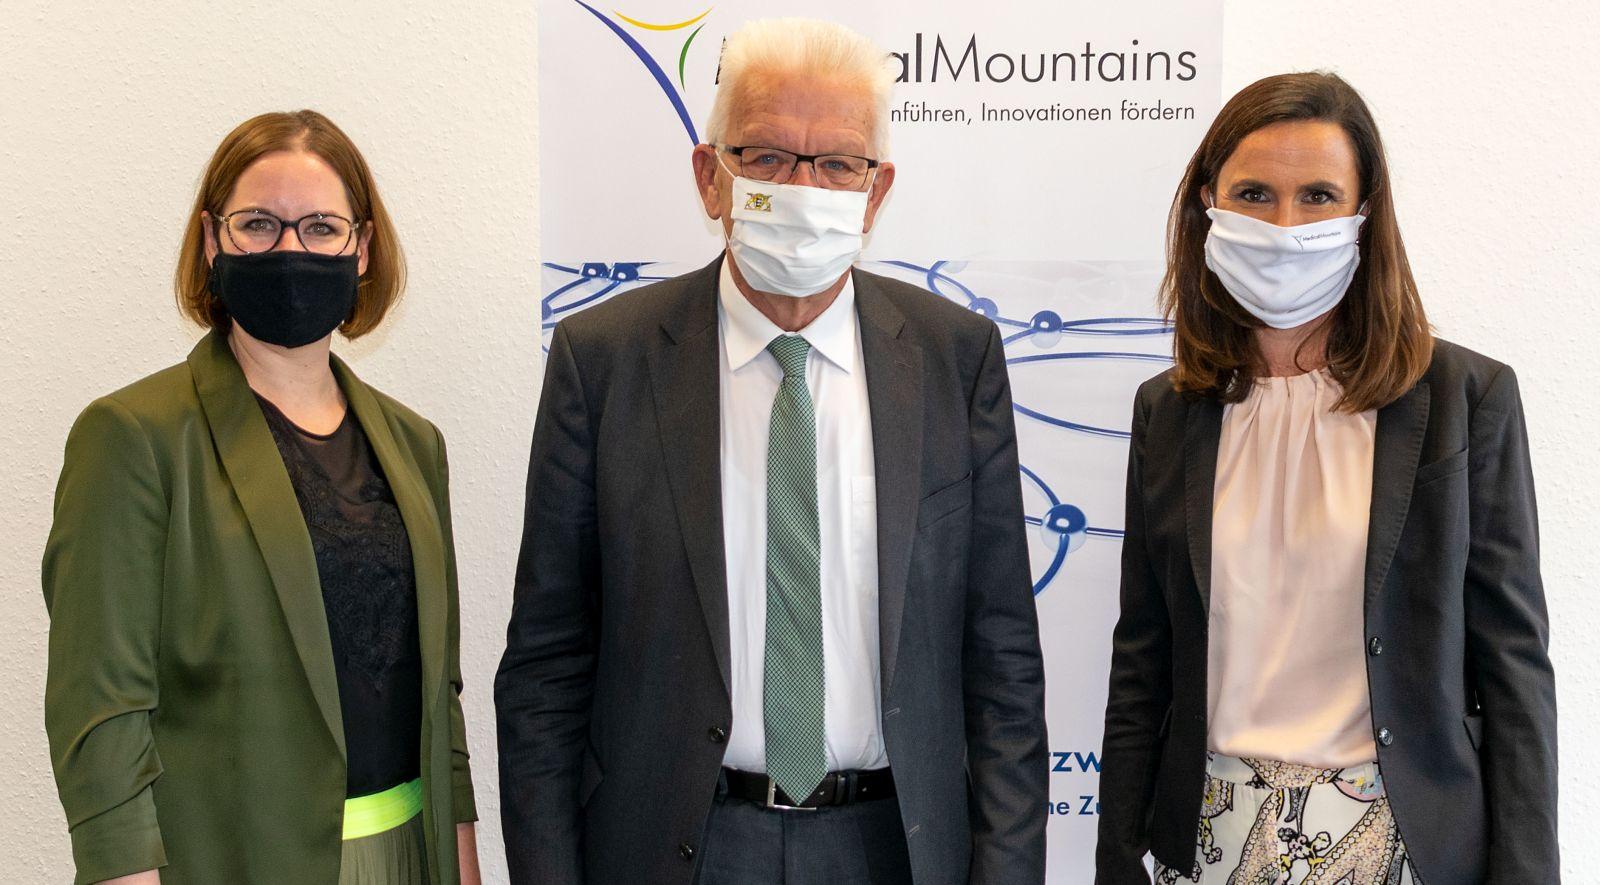 MedicalMountains-Geschäftsführerinnen Julia Steckeler (links) und Yvonne Glienke mit Mi9nisterpräsident Winfried Kretschmann. Foto: pm